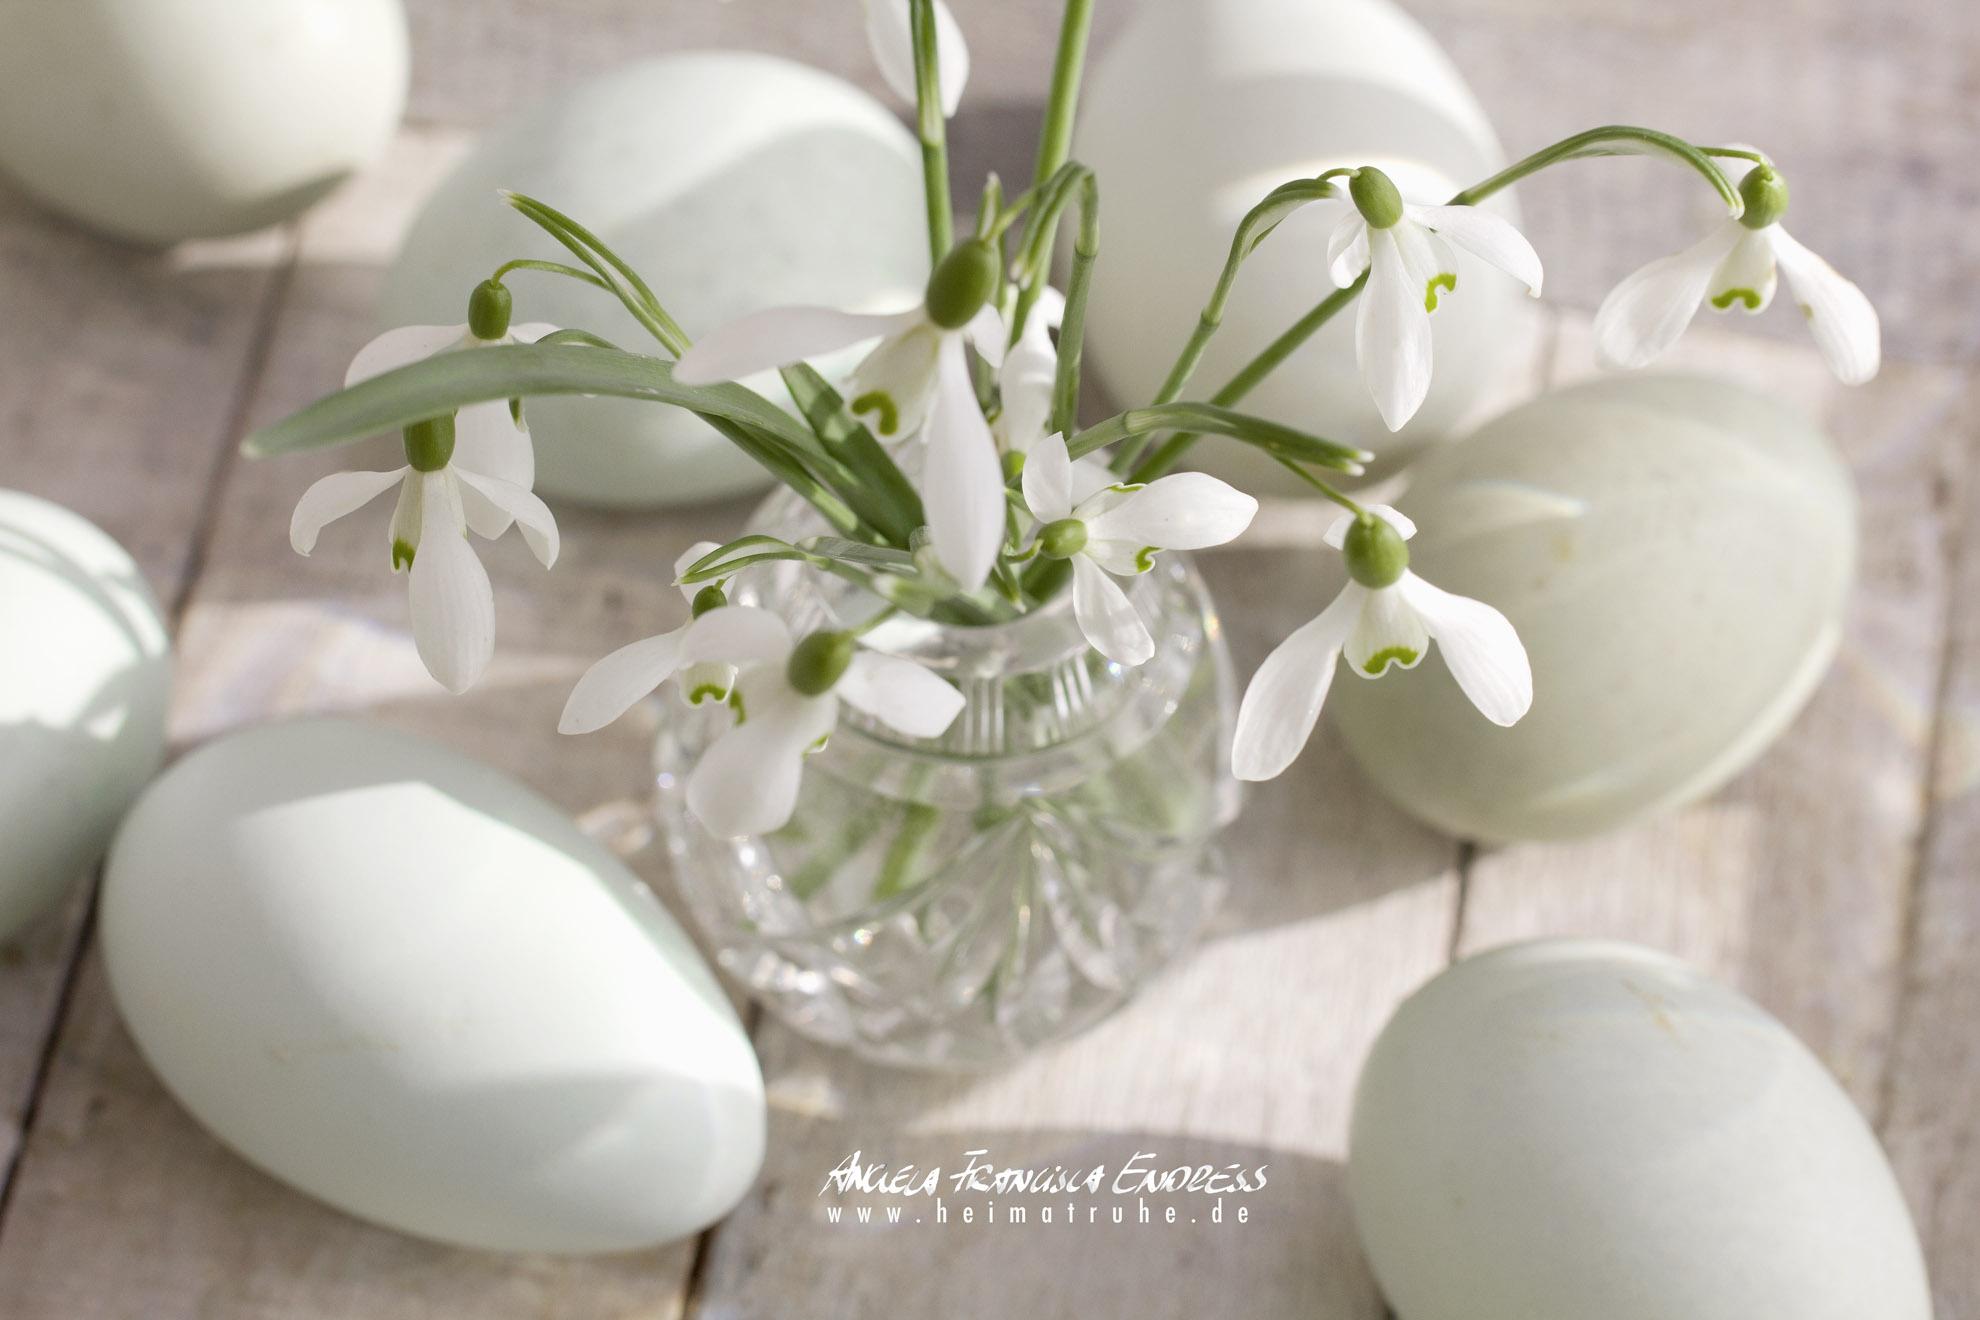 Schneeglöckchen in Kristallväschen mit Grünen Eiern